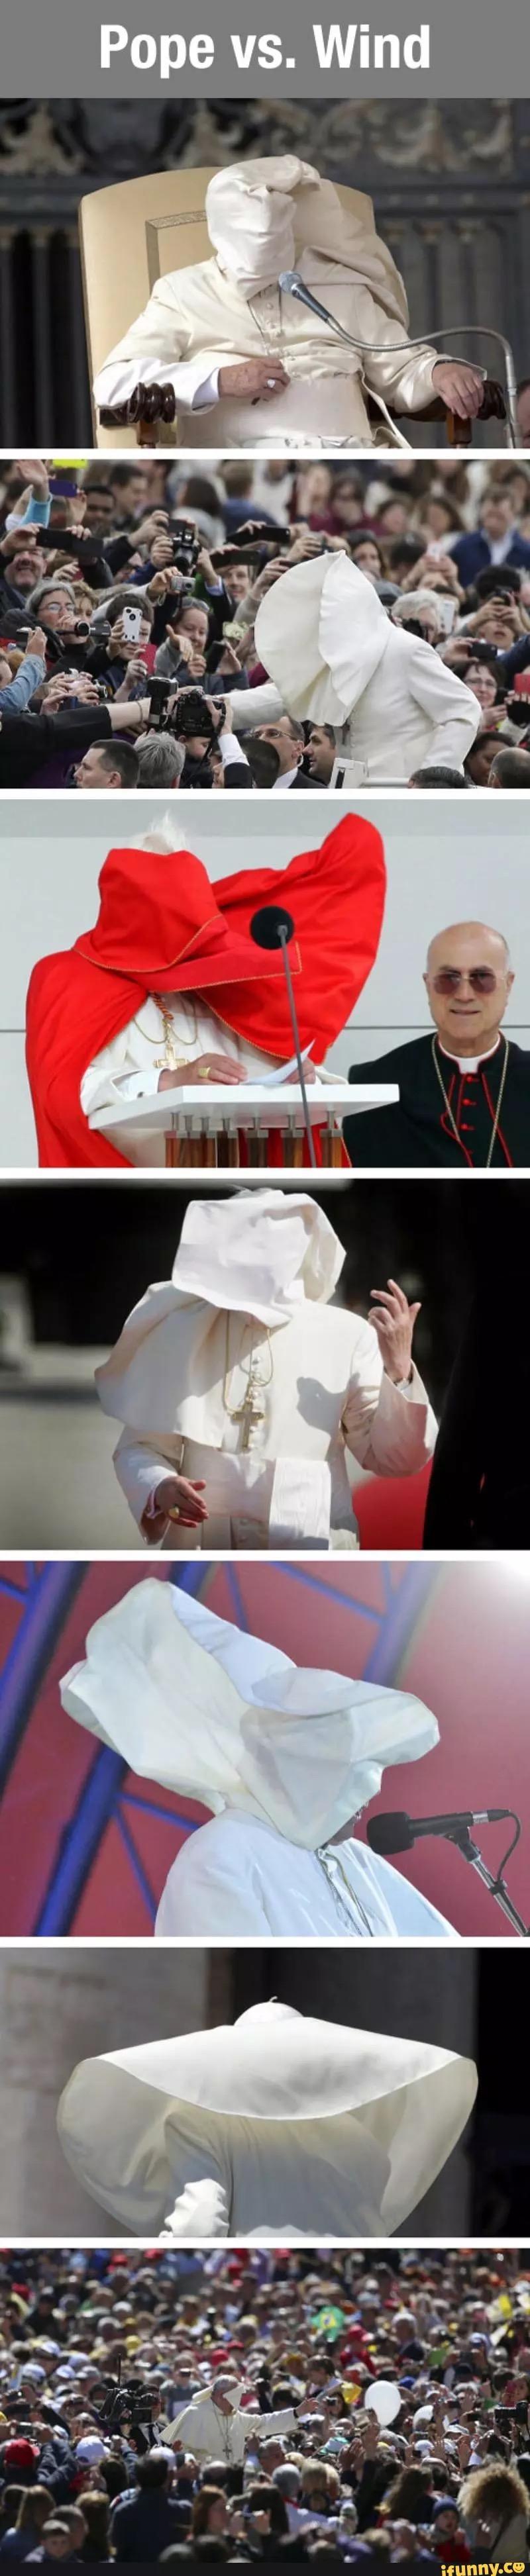 Pope VS wind meme